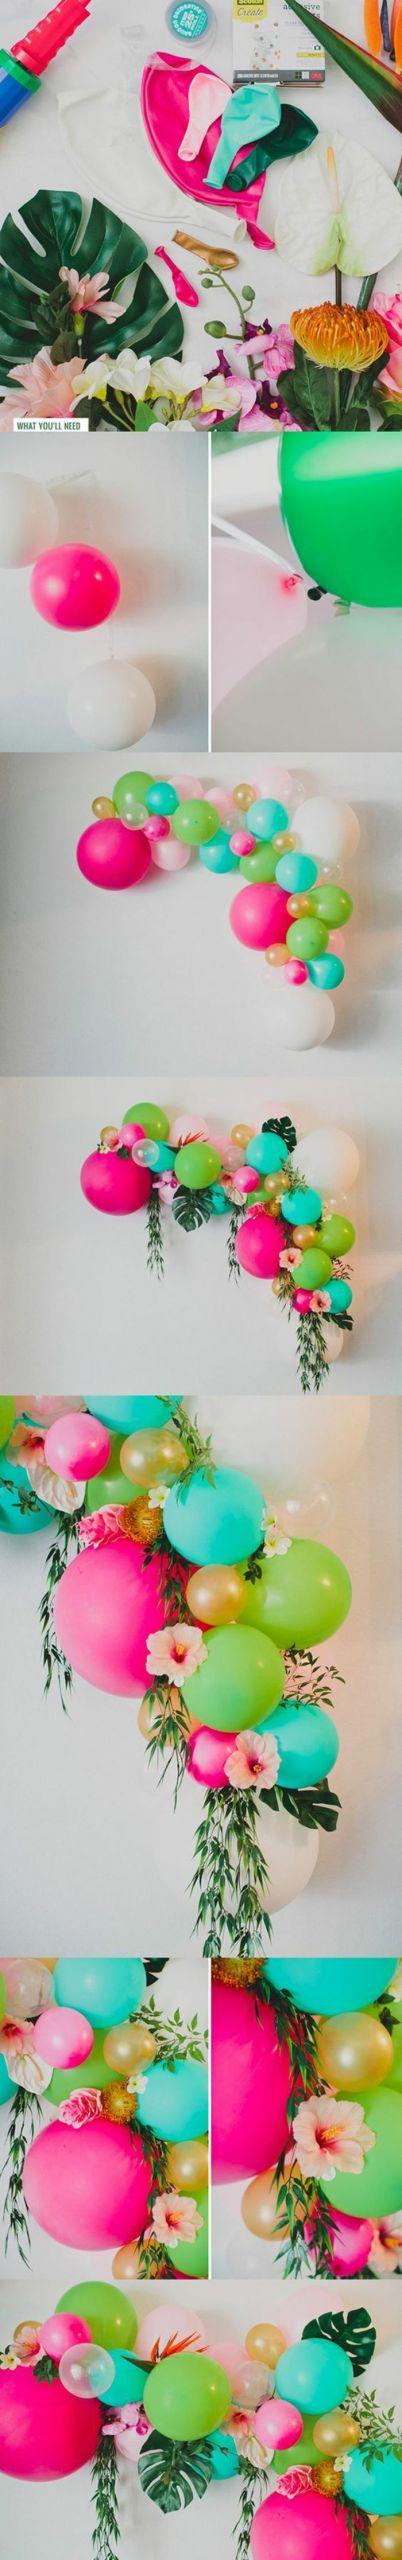 bastelideen fr C3 BChling balons pflanzen blumen gorße bl C3 A4tter wanddeko party